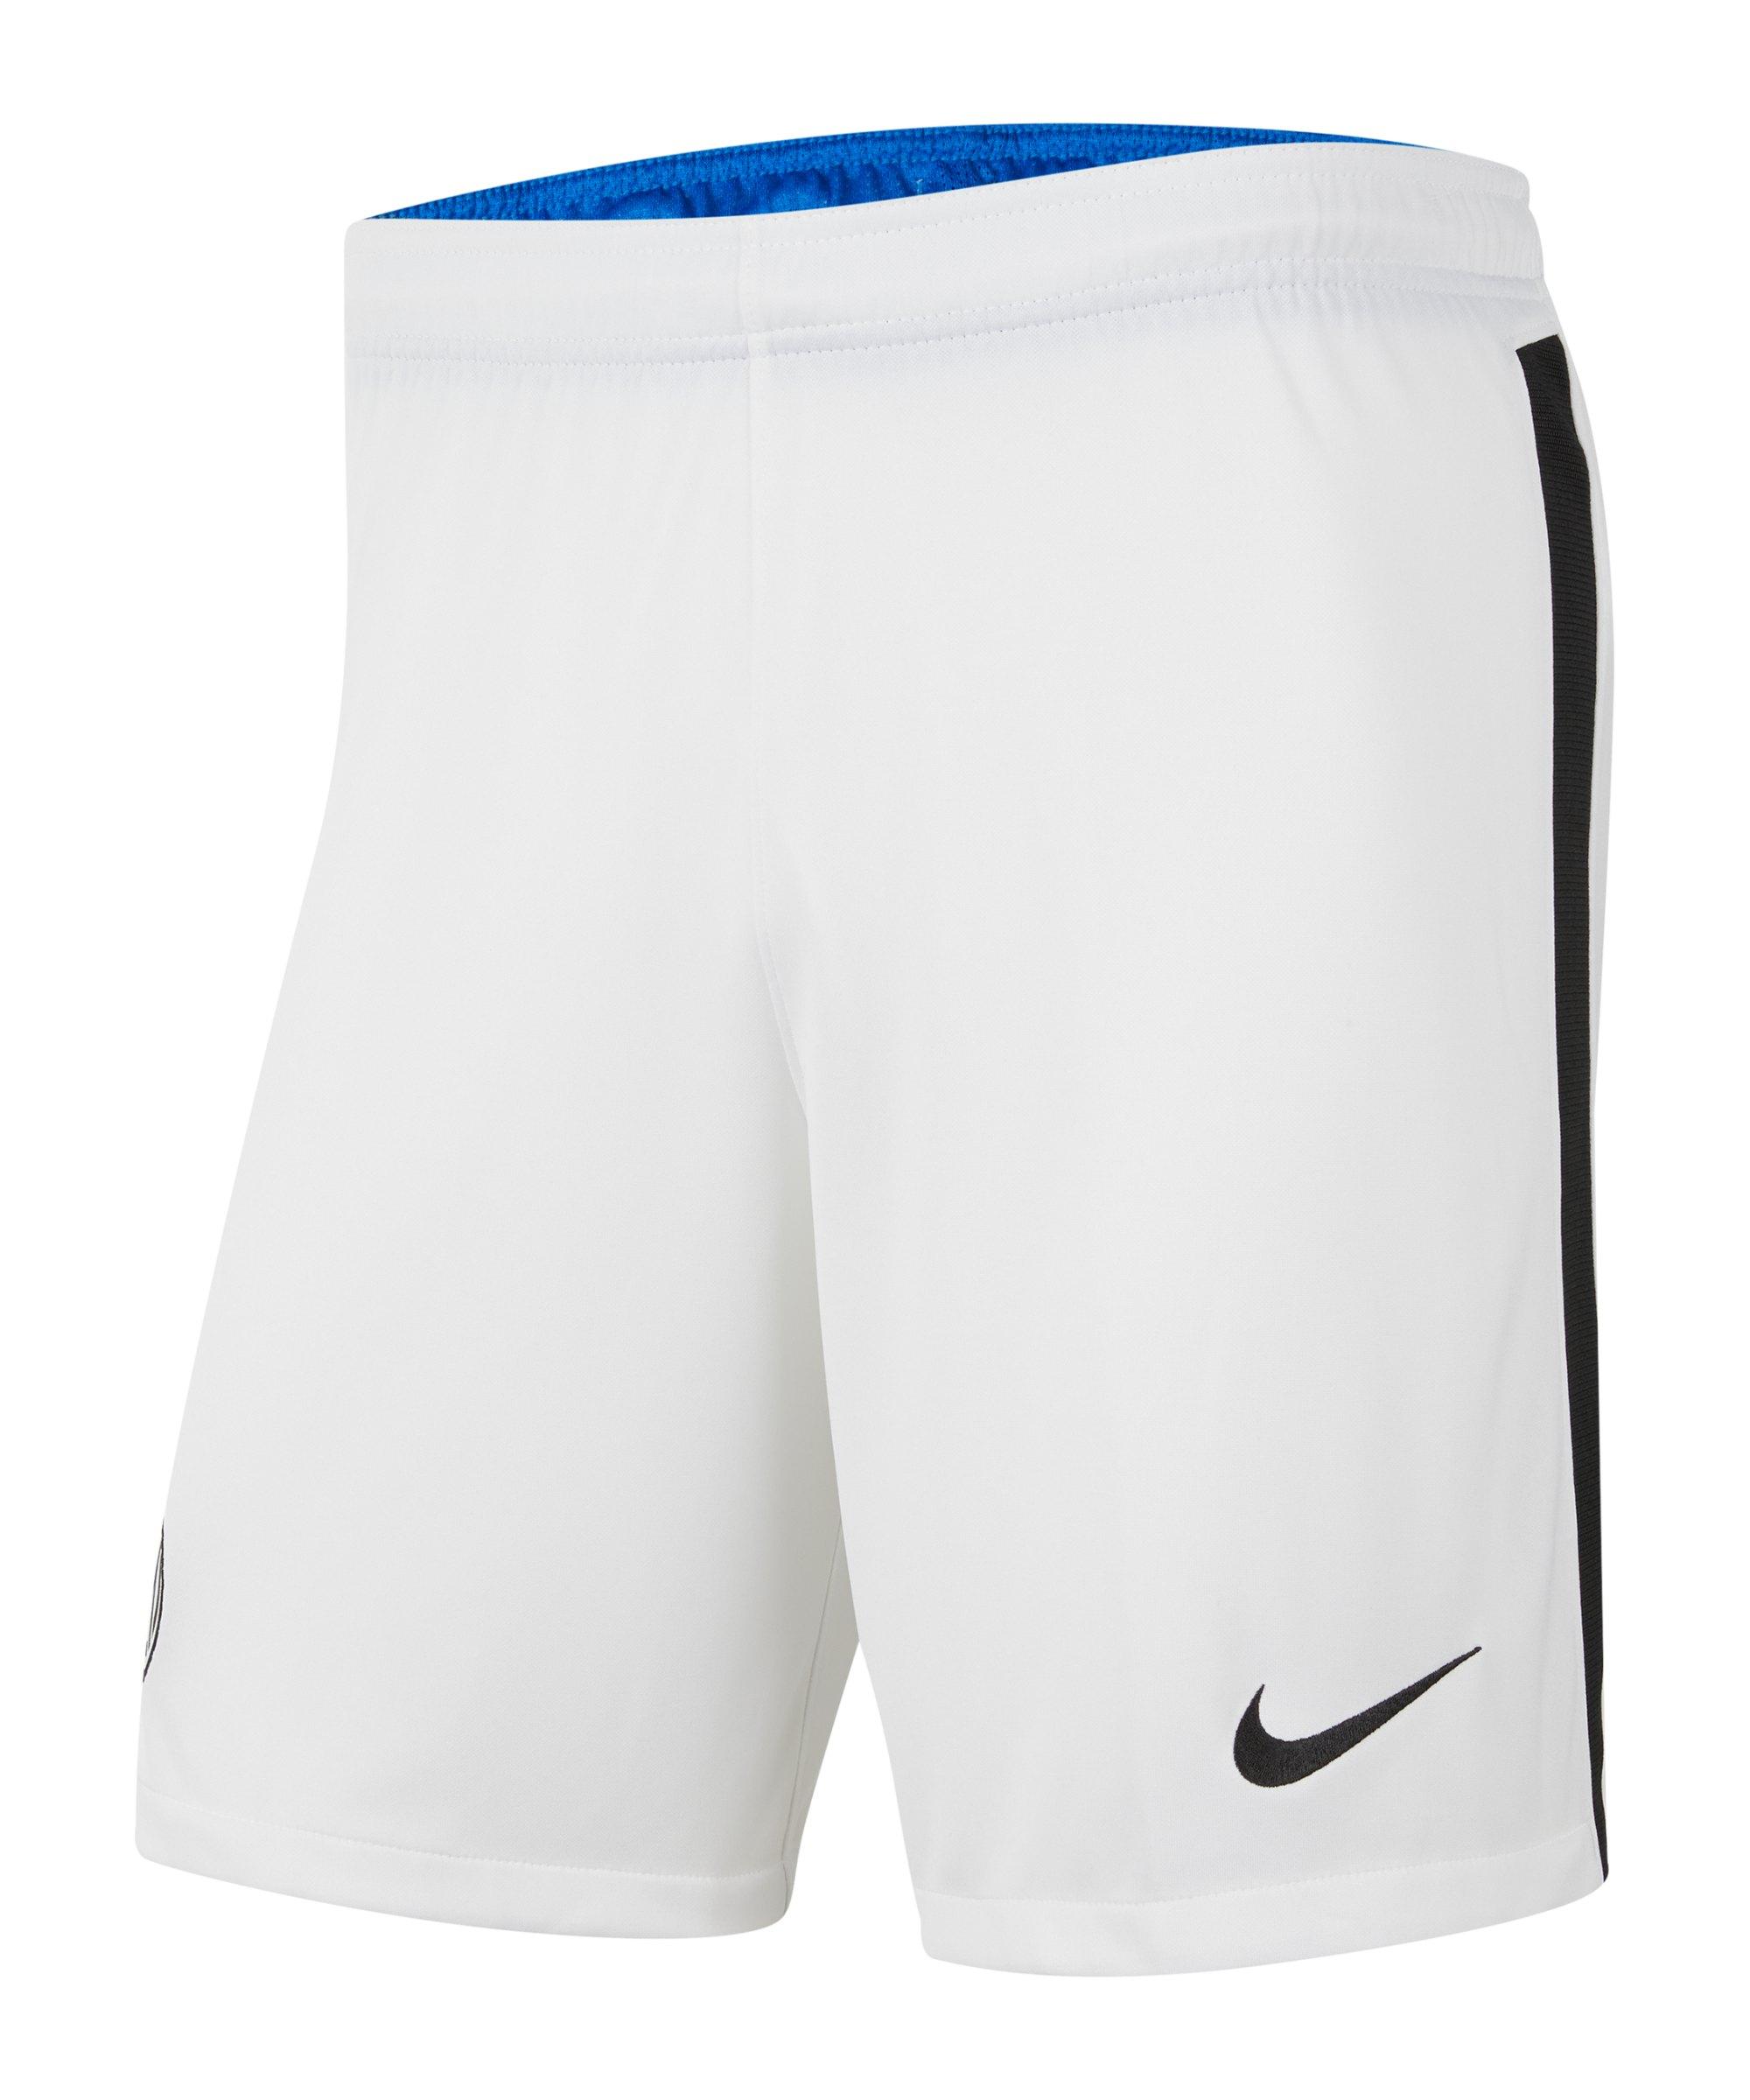 Nike Inter Mailand Short Home/Away 2021/2022 Kids F100 - weiss